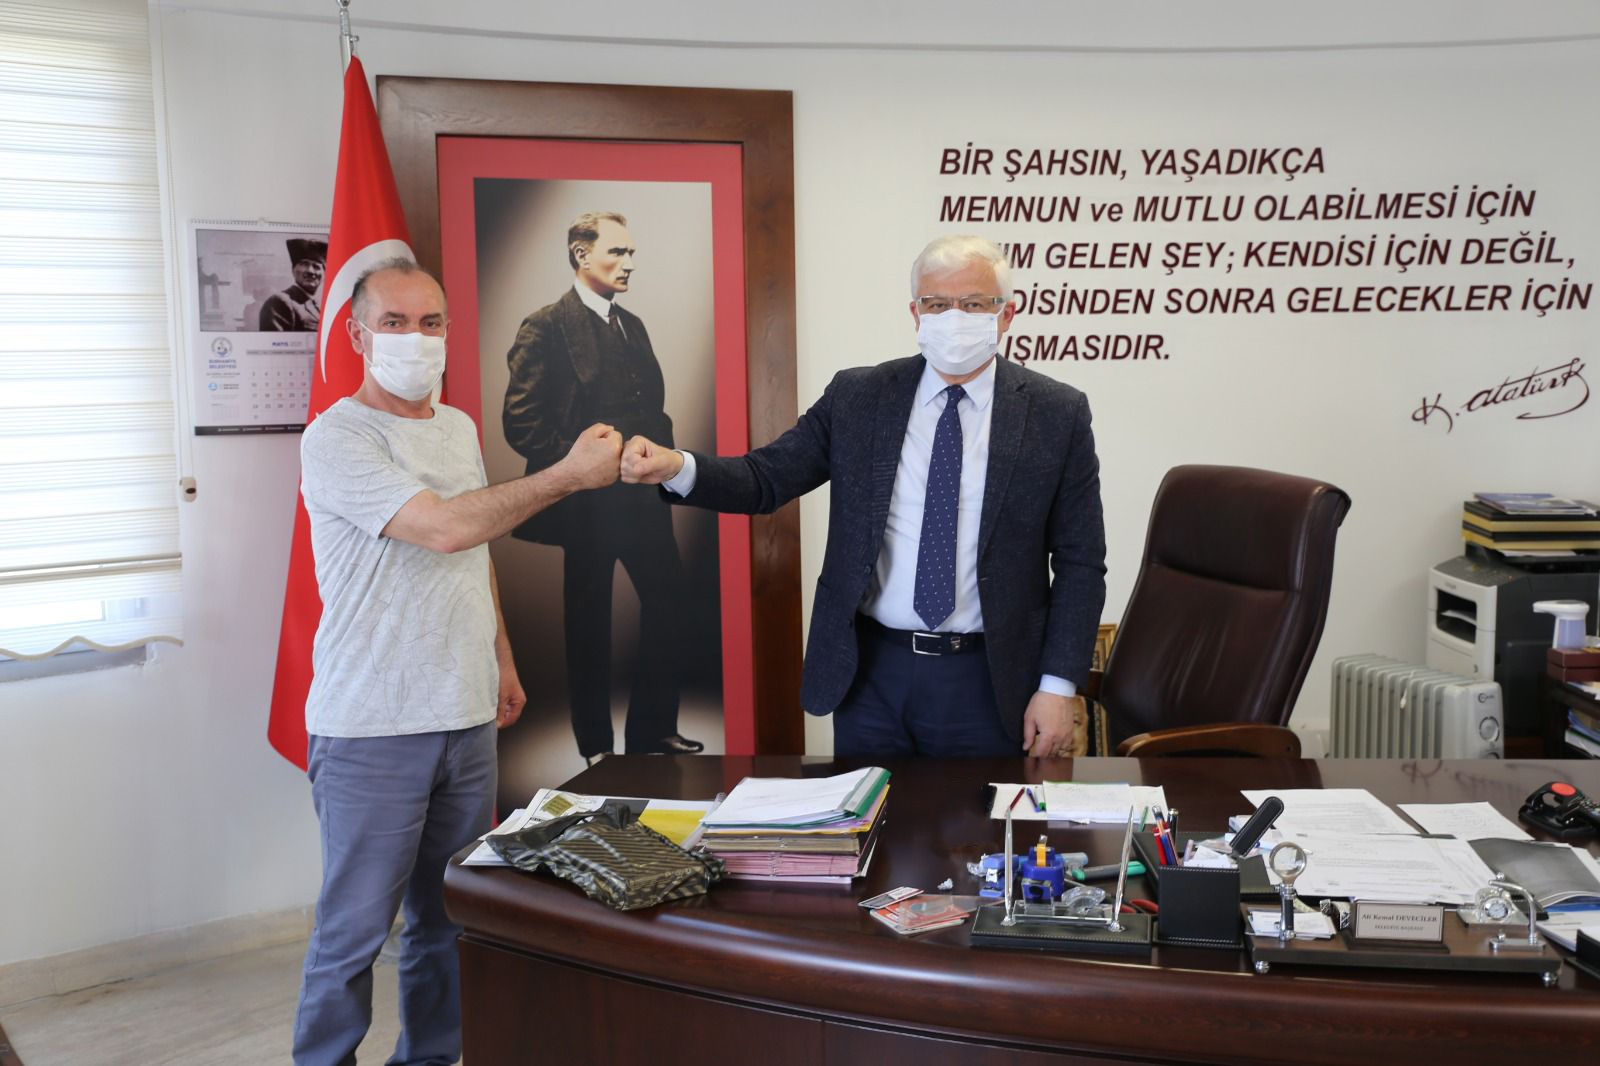 Yanan İş Yeri Yenilenen Vatandaş, Belediye Başkanı Ali Kemal Deveciler 'E Teşekkür Etti.